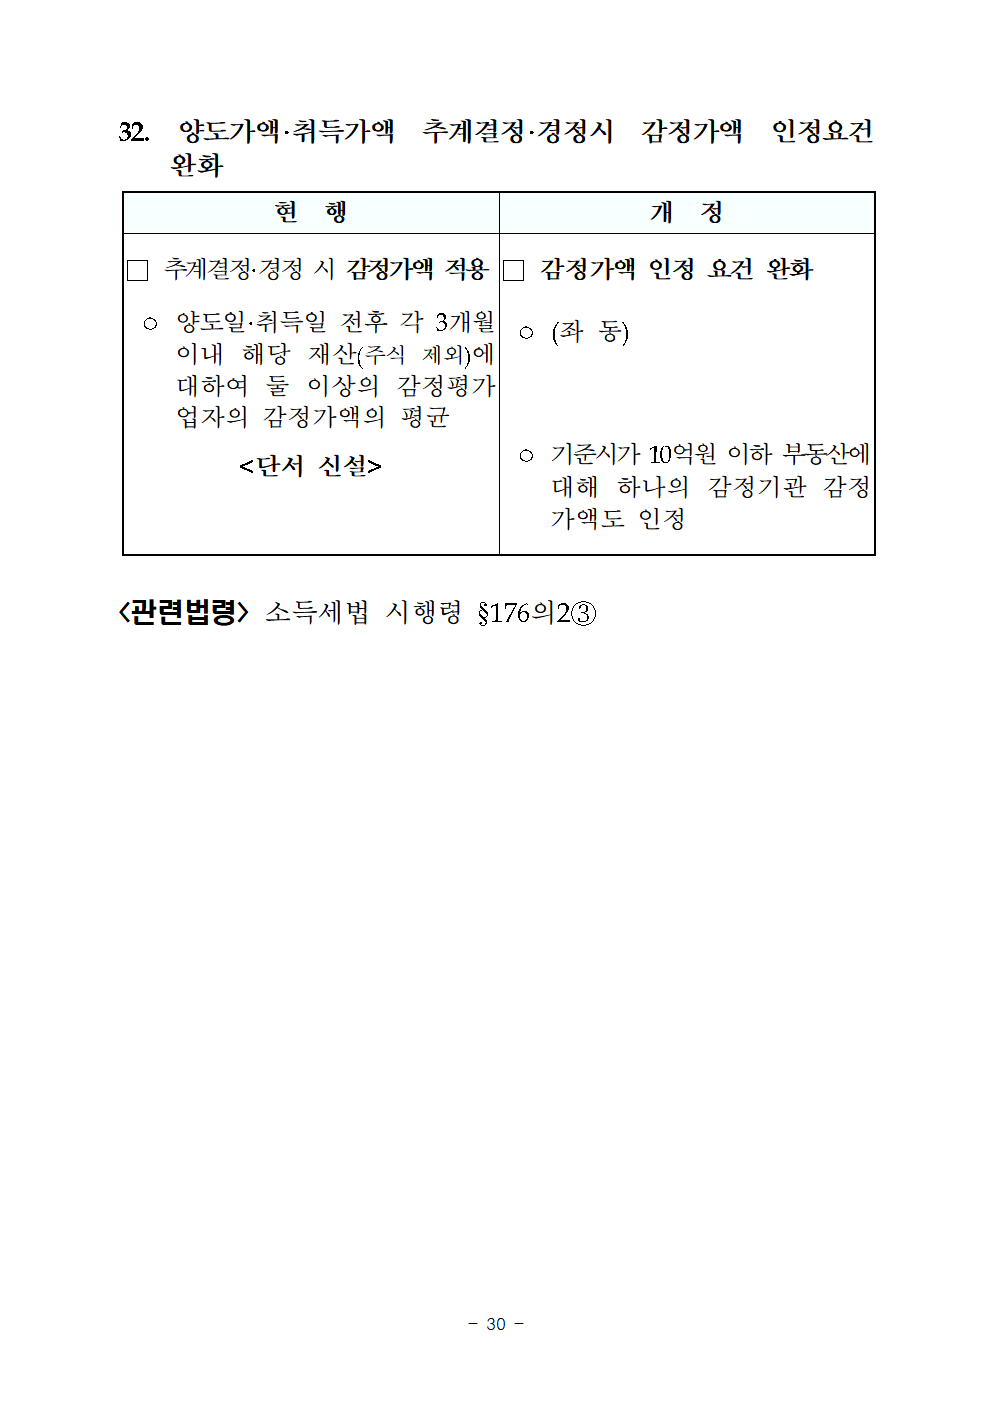 2019년세법개정내용(양도소득세분야)035.png